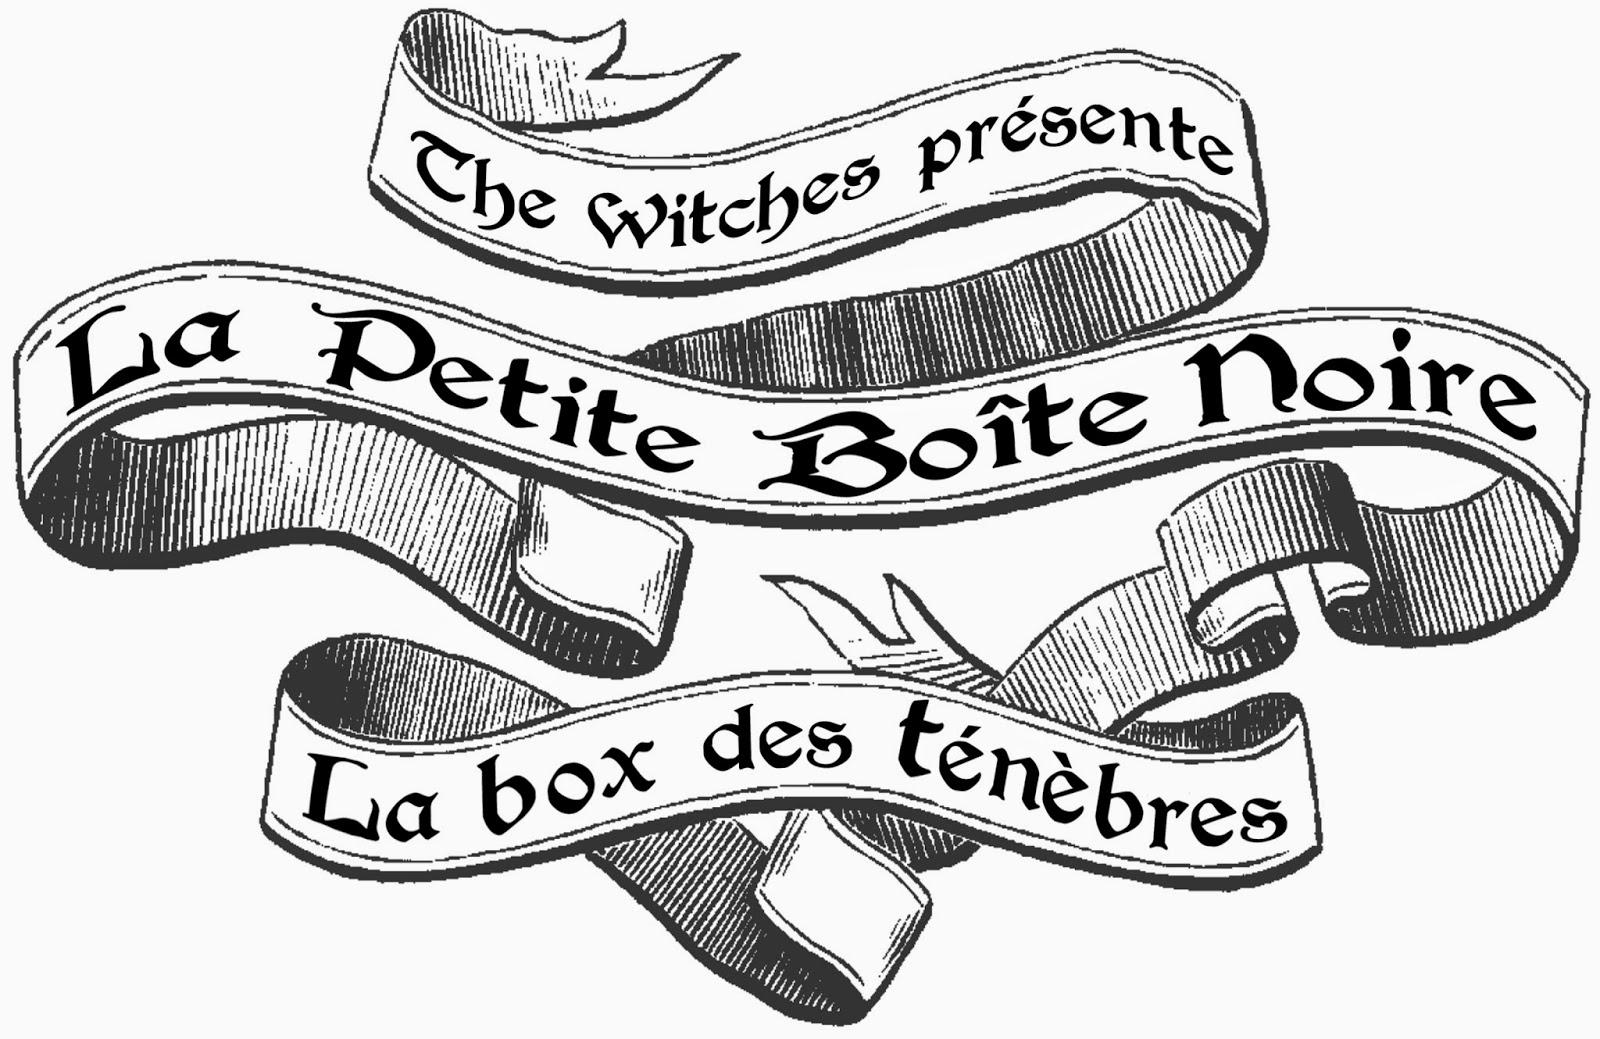 http://www.coffinrock.com/coffinrock/fr/115-la-petite-boite-noire-box-gothique-magique